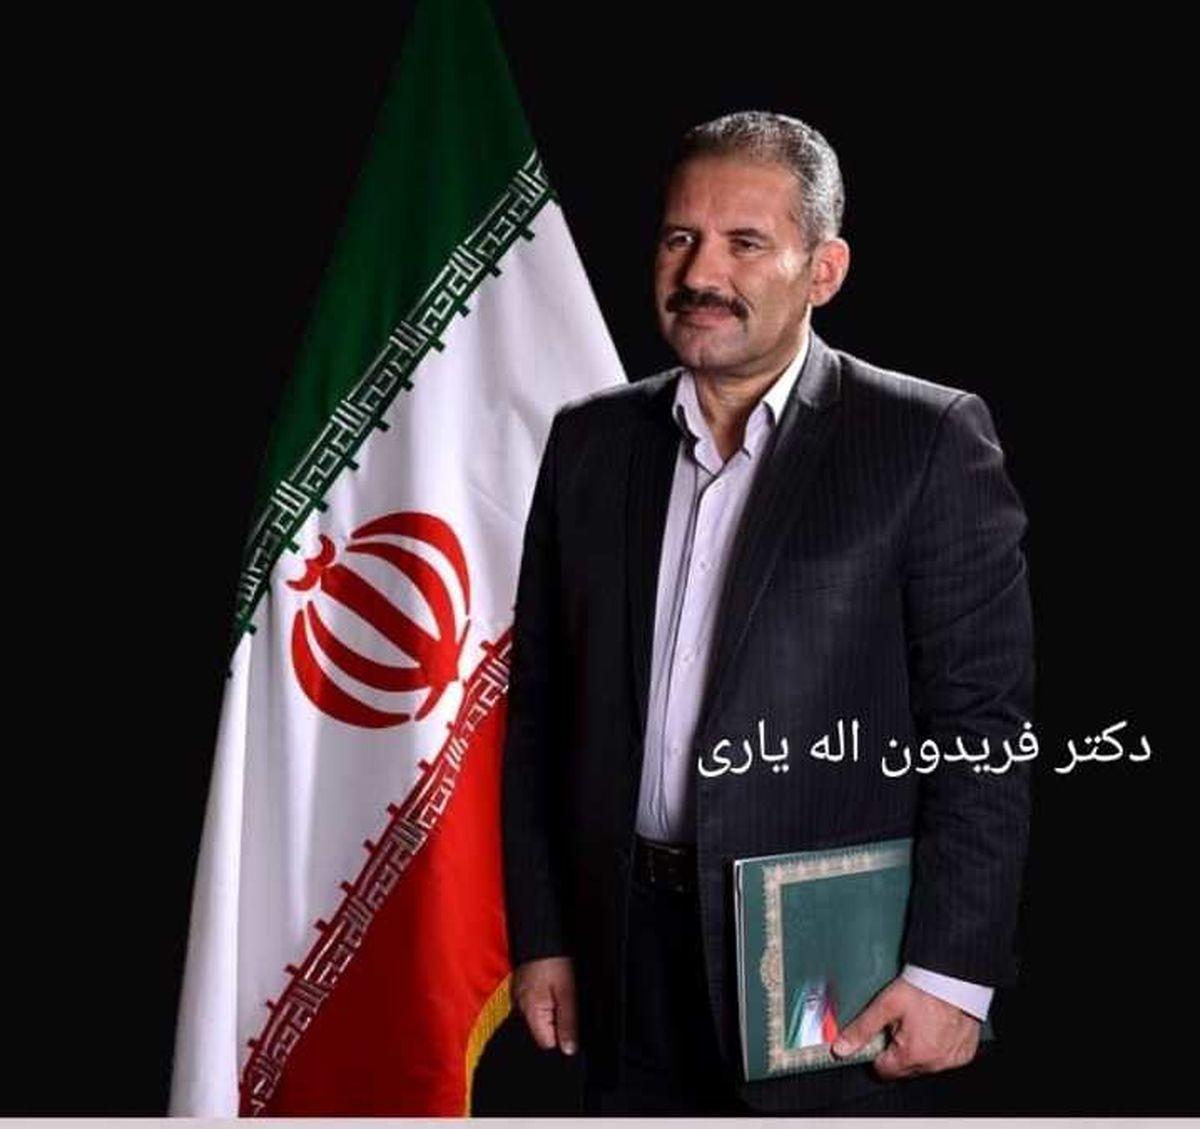 مدیر کل میراث فرهنگی اصفهان براثر کرونا در گذشت